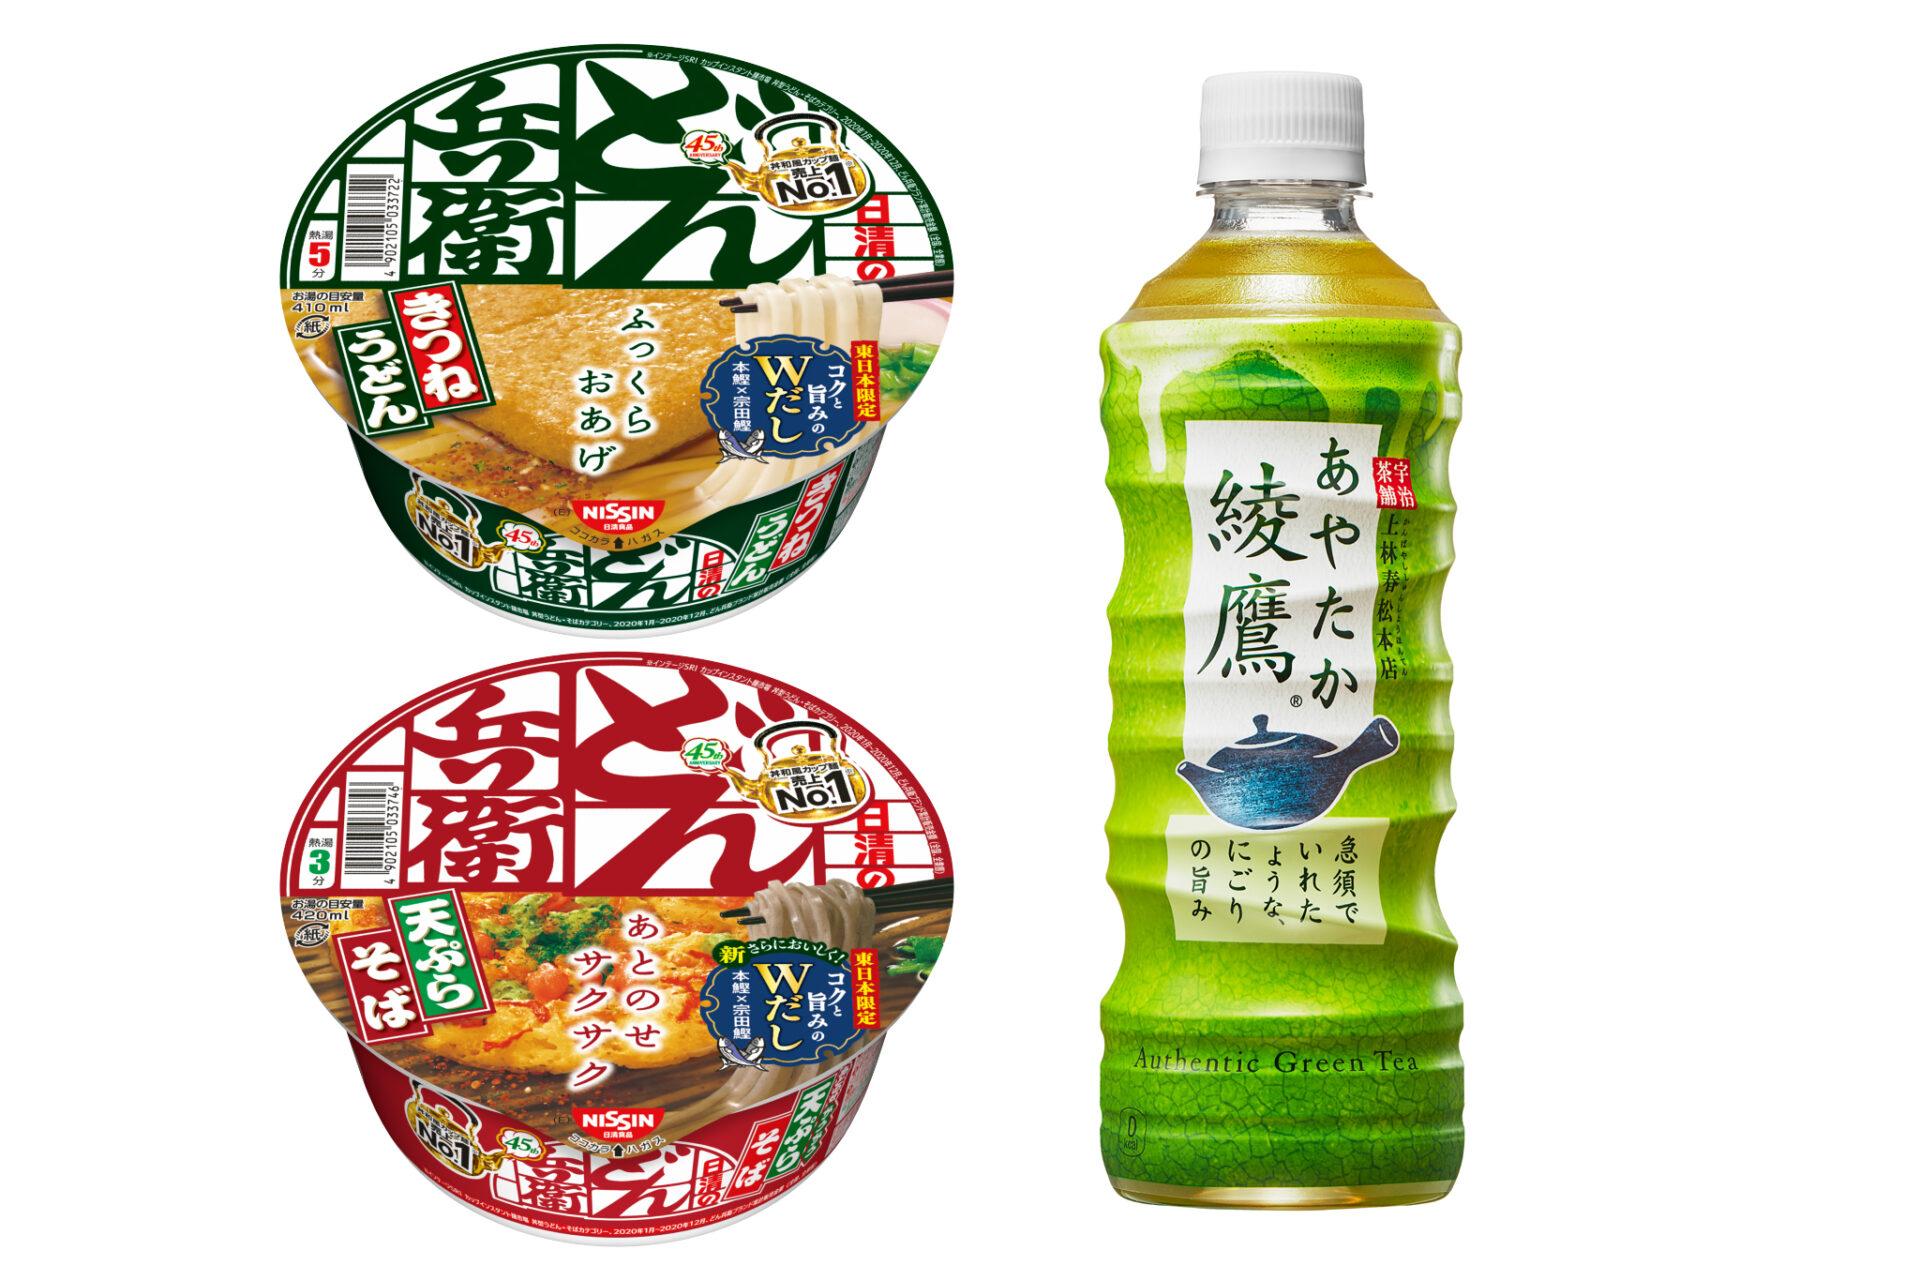 コカ・コーラ『綾鷹』×日清『どん兵衛』